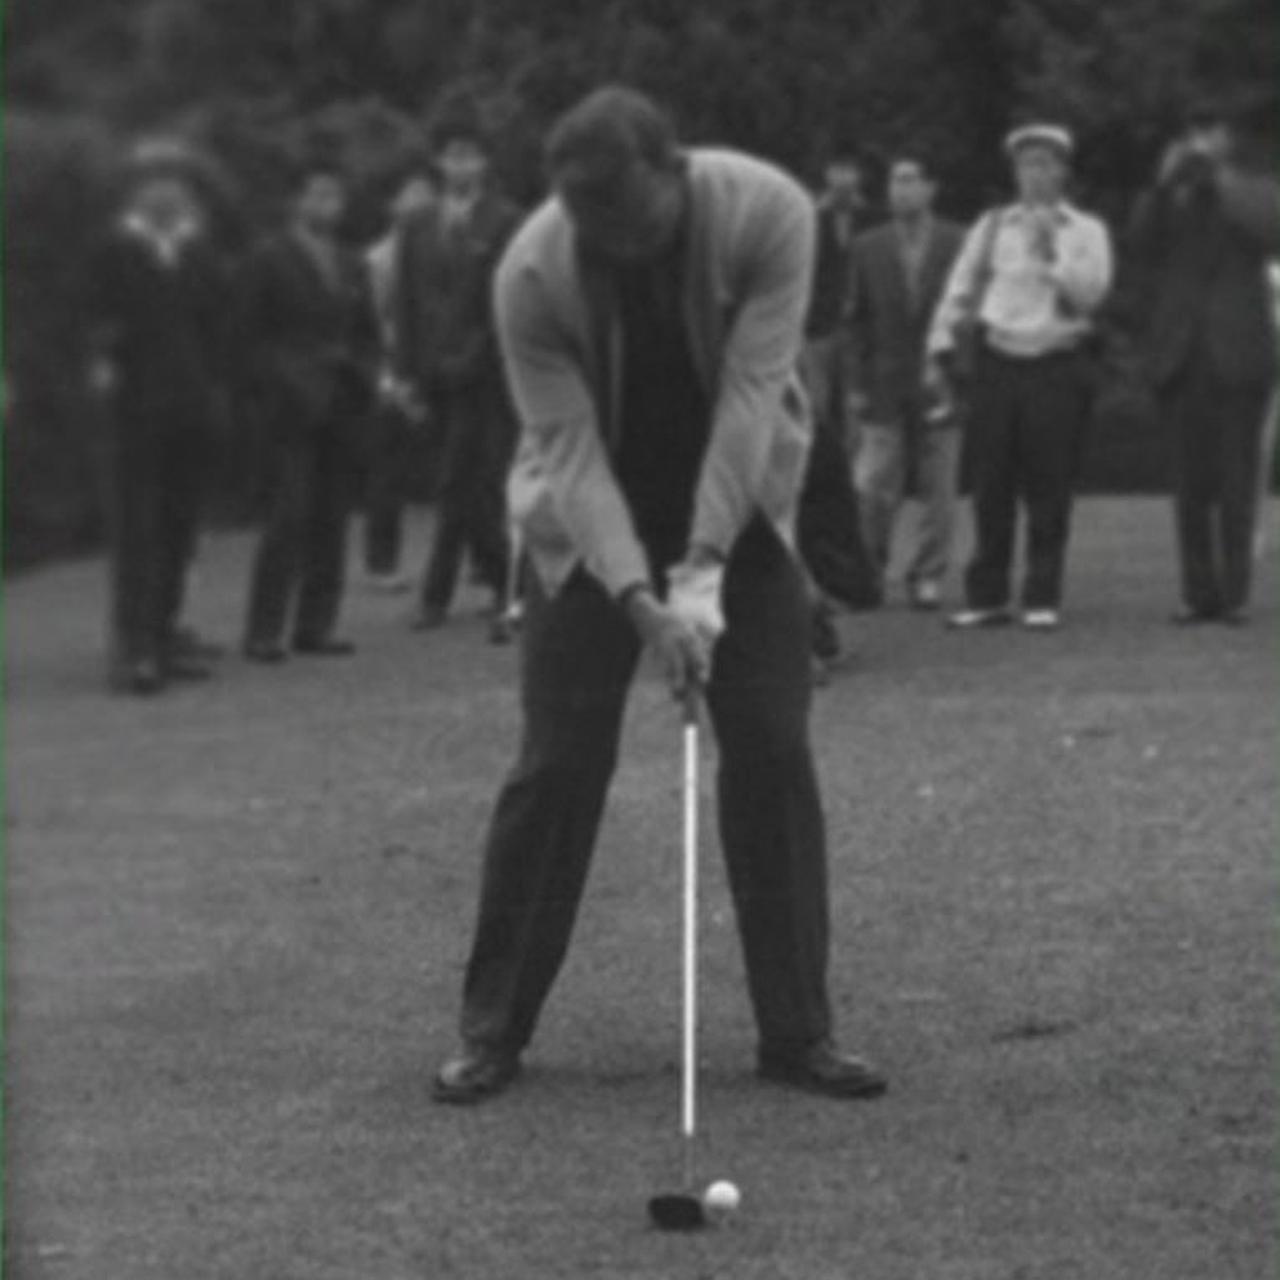 画像: クラブ・シャフト性能が現代と異なるため、吹け上がりをふせぐために、左足軸で上半身もまっすぐな状態で構えている